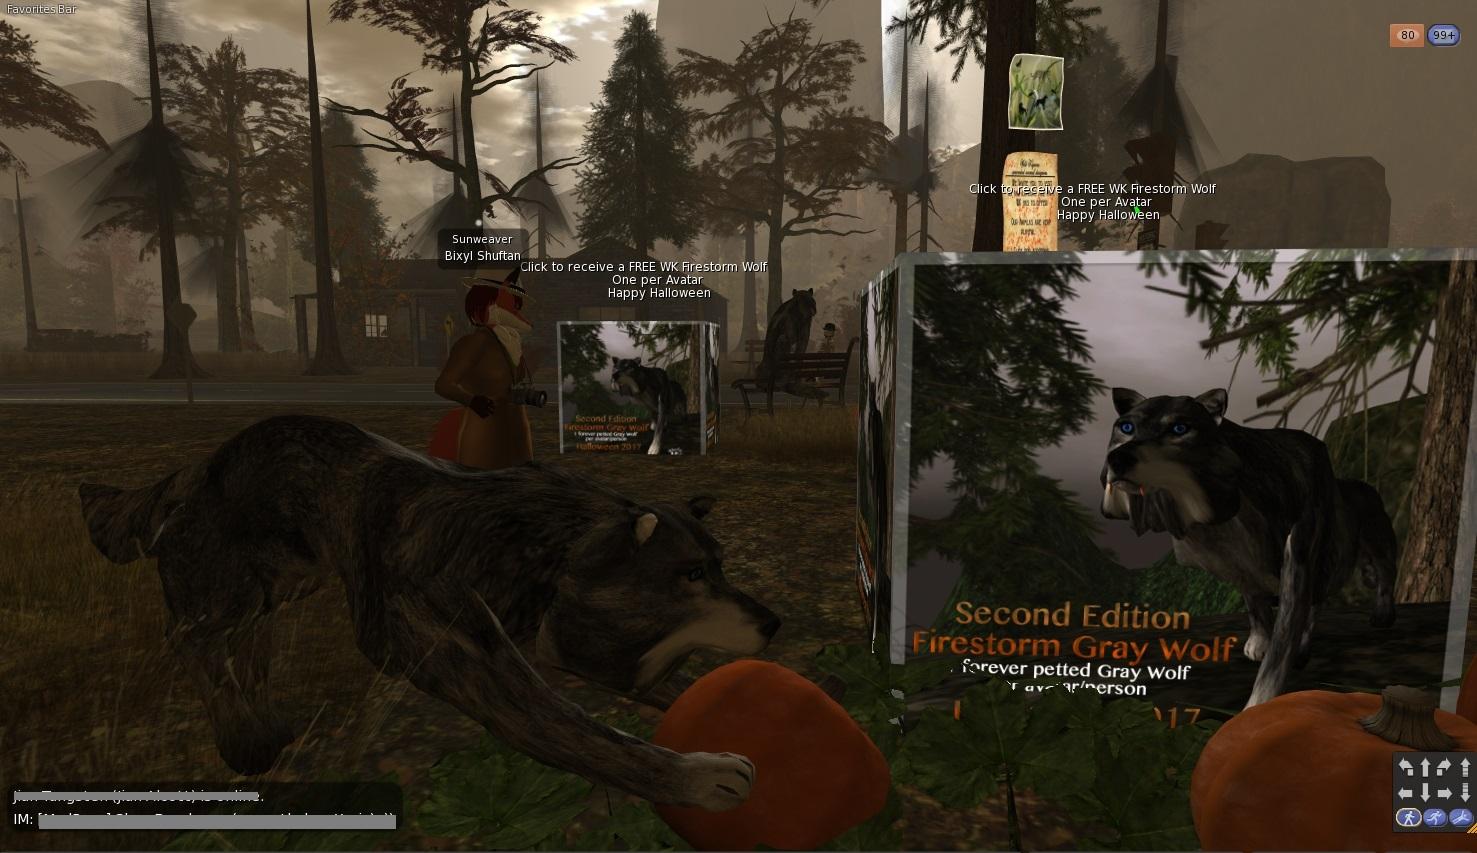 Second Life Newser: Team Firestorm's Halloween Gift Pet Wolf